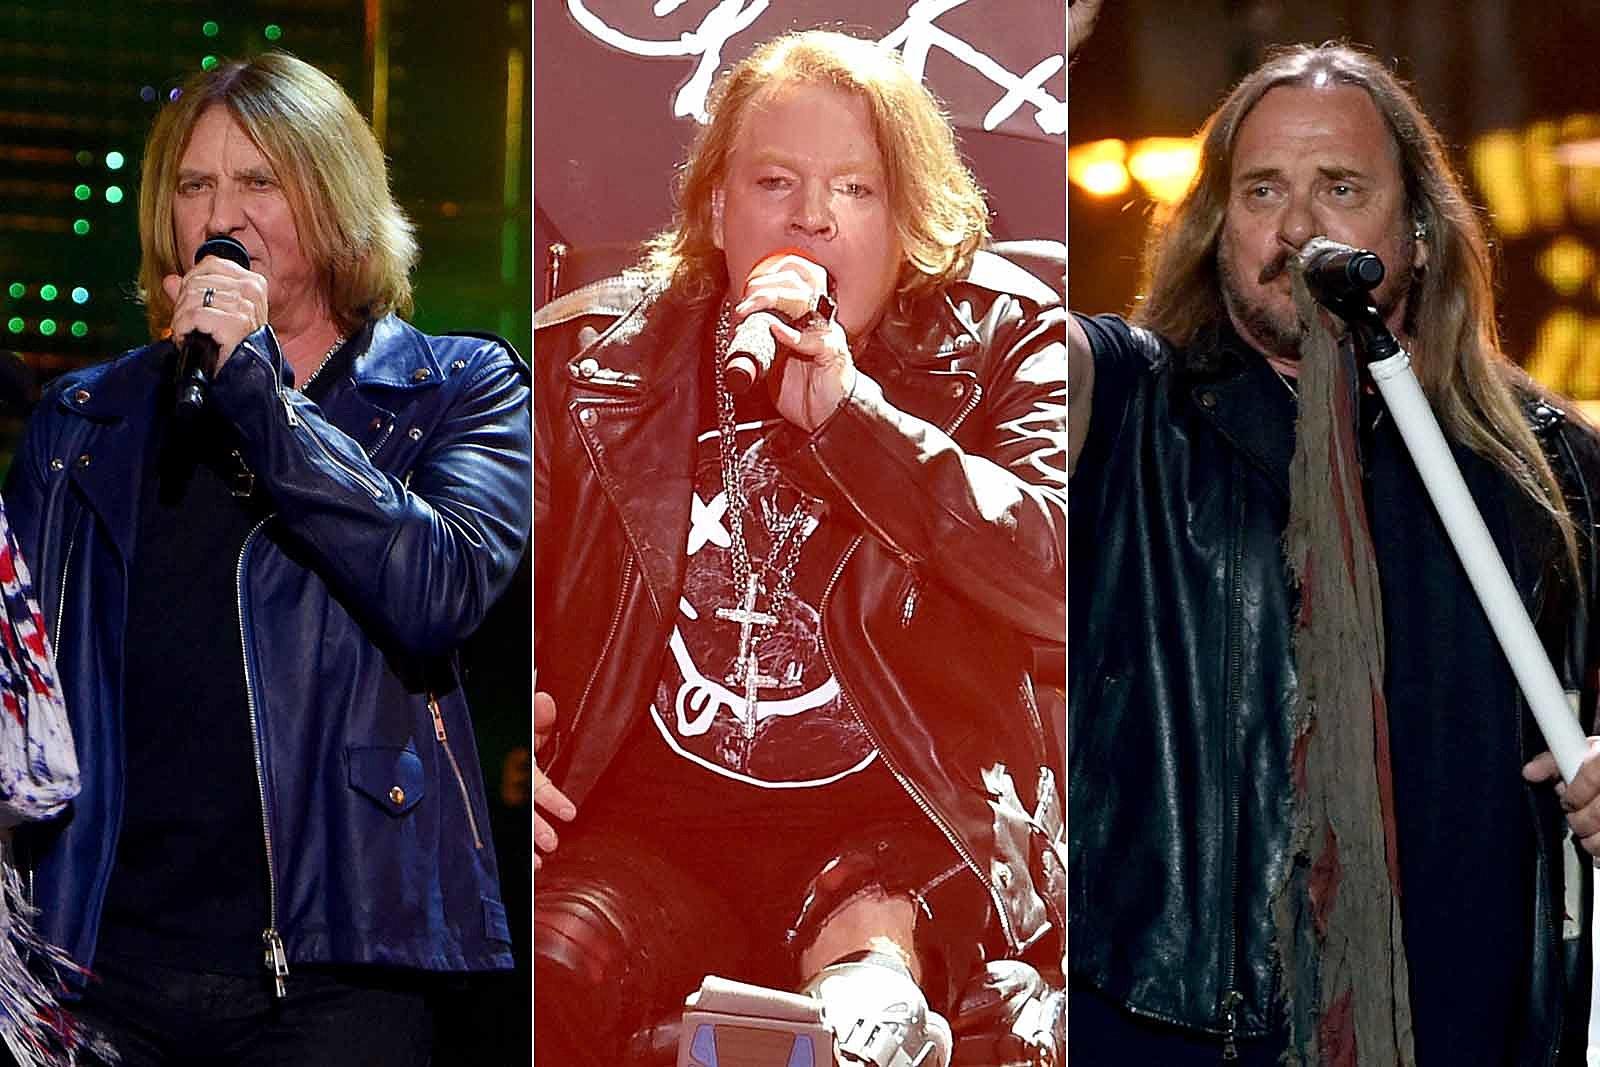 Guns N' Roses, Def Leppard, Lynyrd Skynyrd Headline Exit 111 Festival